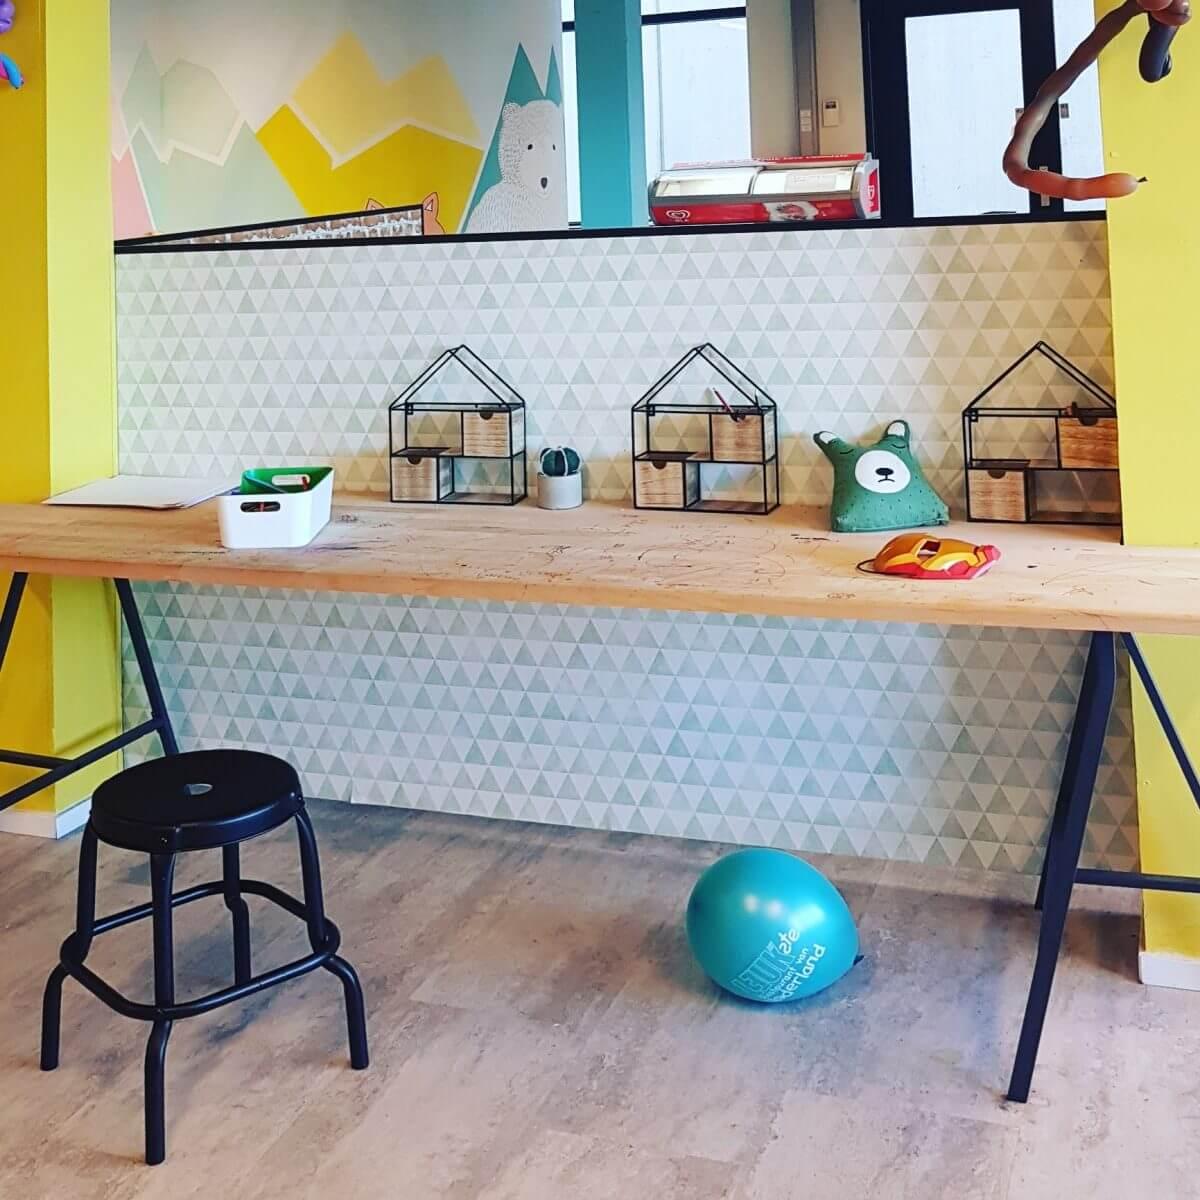 Kindvriendelijk restaurant LEUK Amsterdam: lekker kletsen terwijl de kids in de speelzaal spelen, Houthavens Amsterdam West kinderen